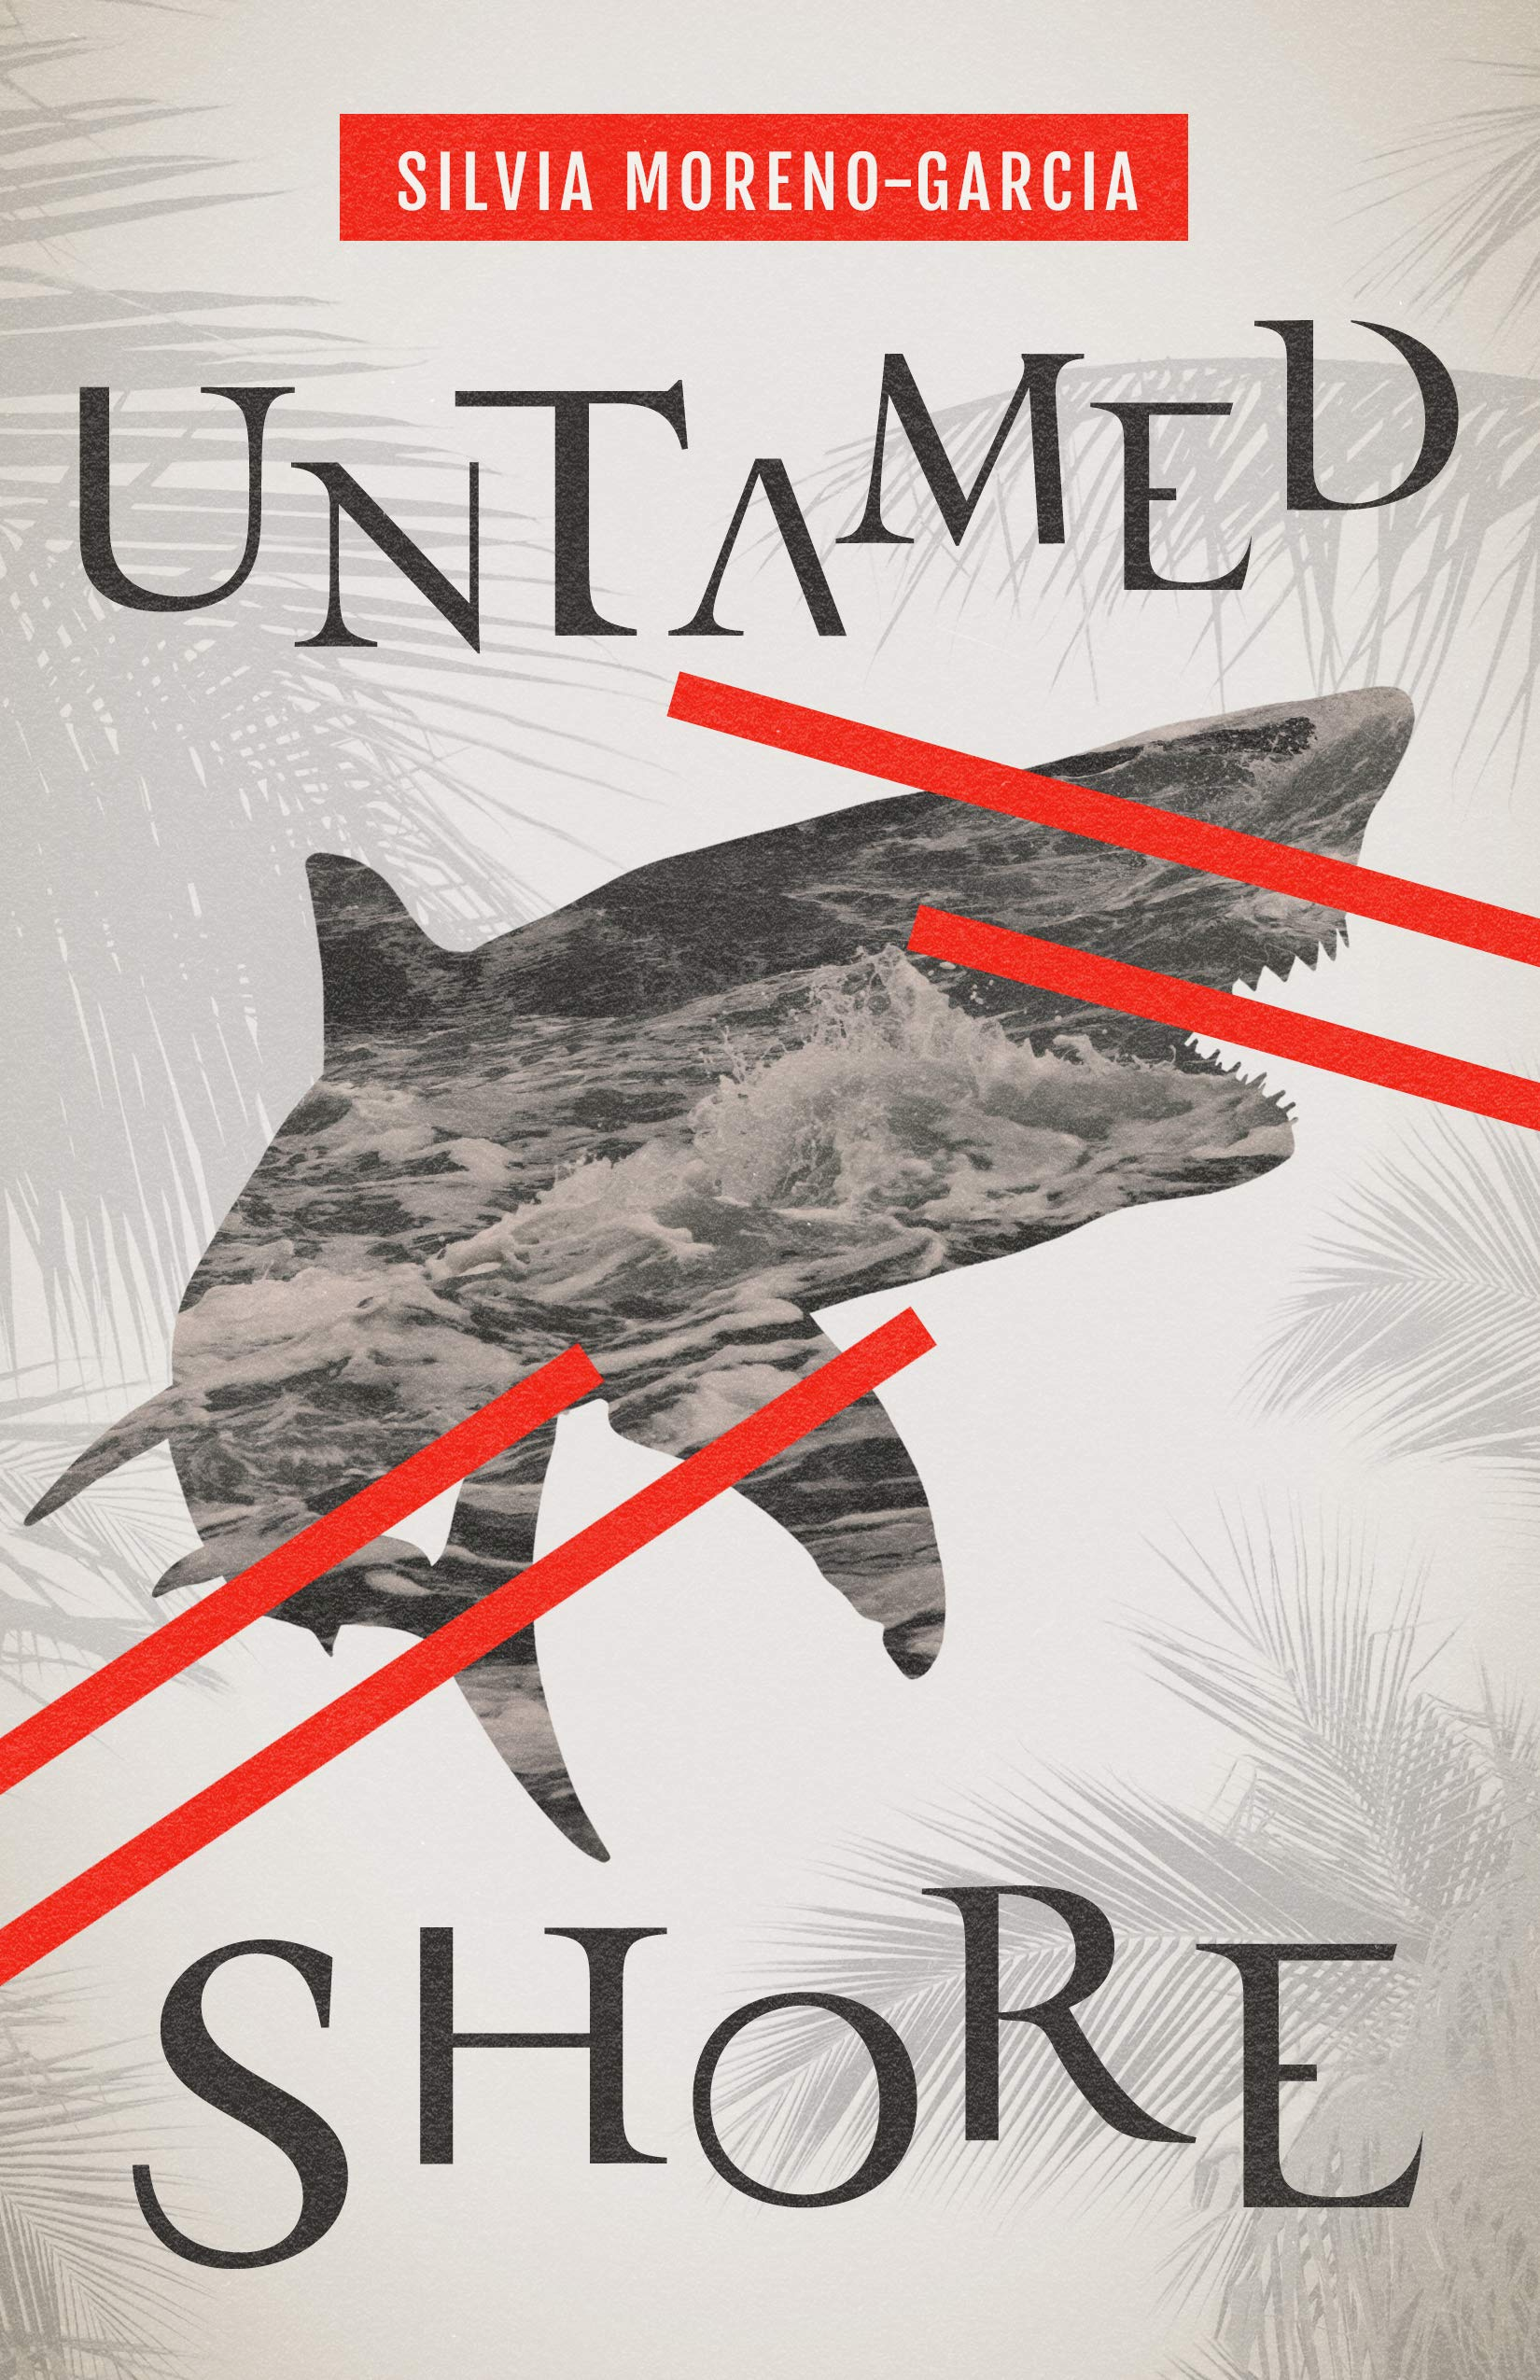 Untamed Shore: Moreno-Garcia, Silvia: 9781947993921: Amazon.com: Books